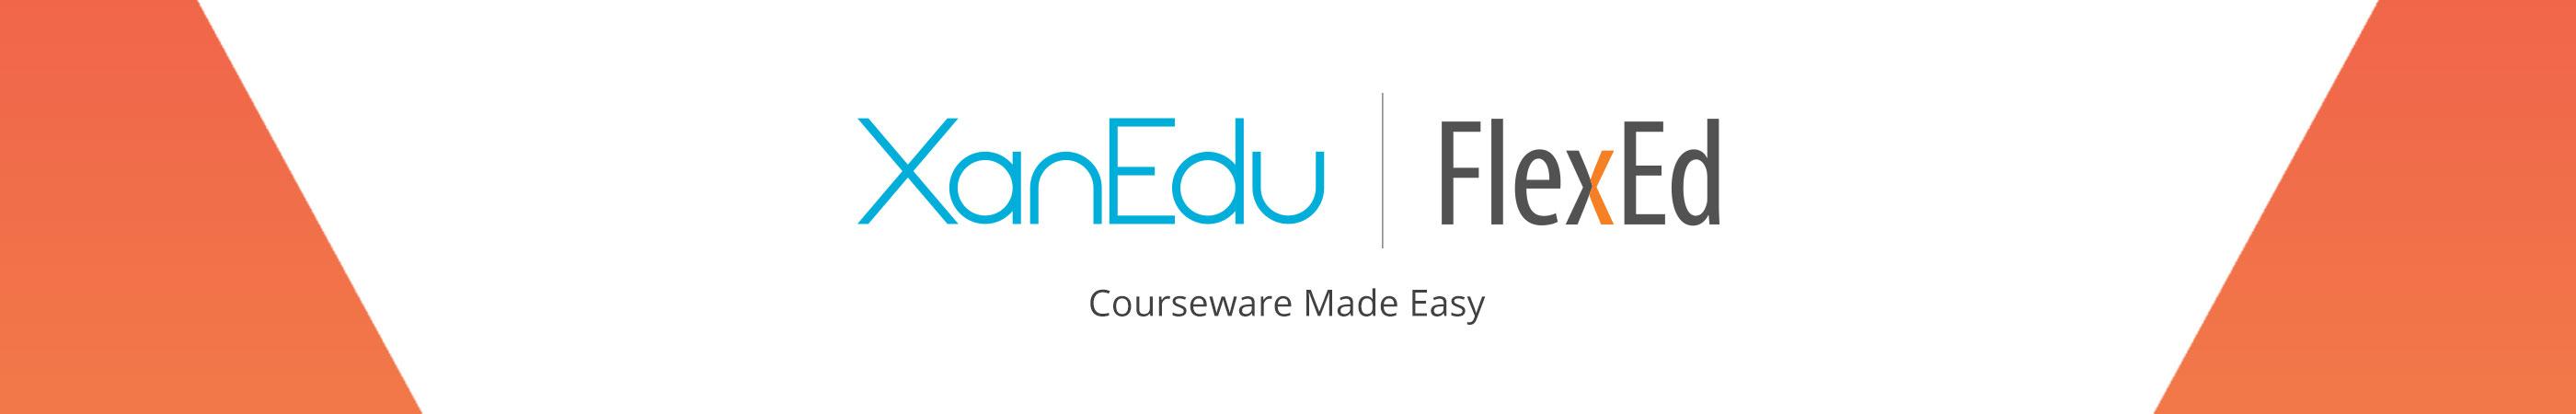 flexed-courseware-hero_450